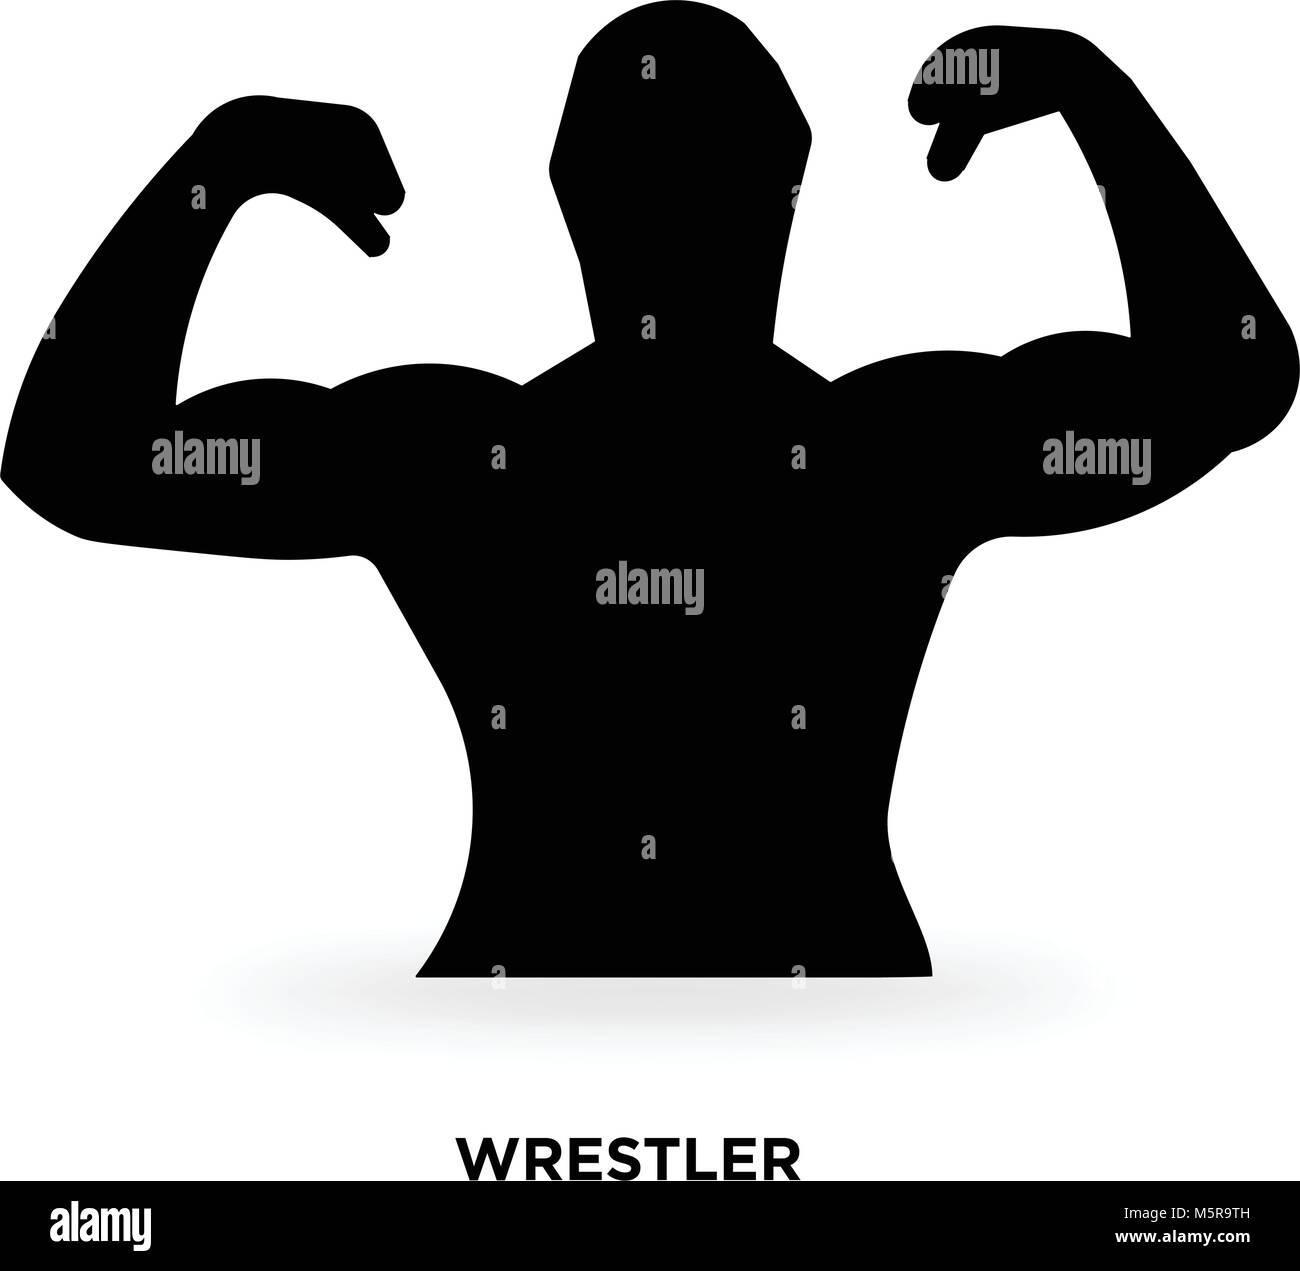 wrestler silhouette - Stock Image